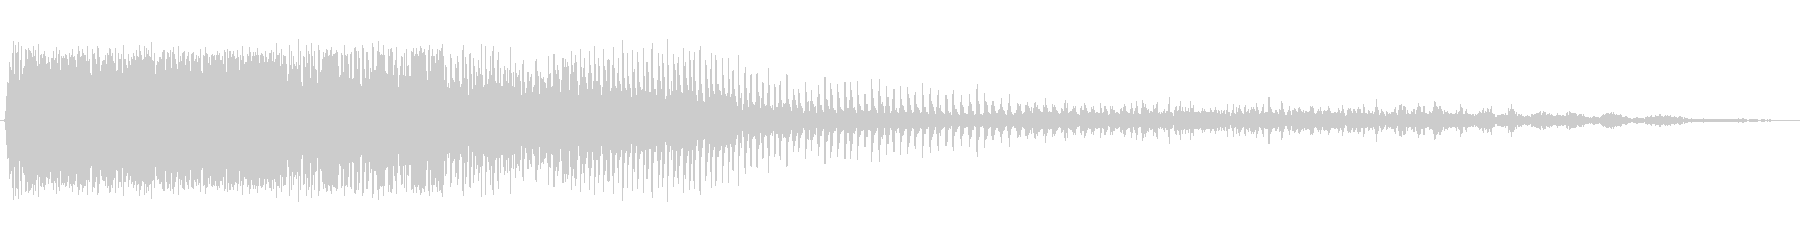 電動のこぎり ギュワーーンの未再生の波形